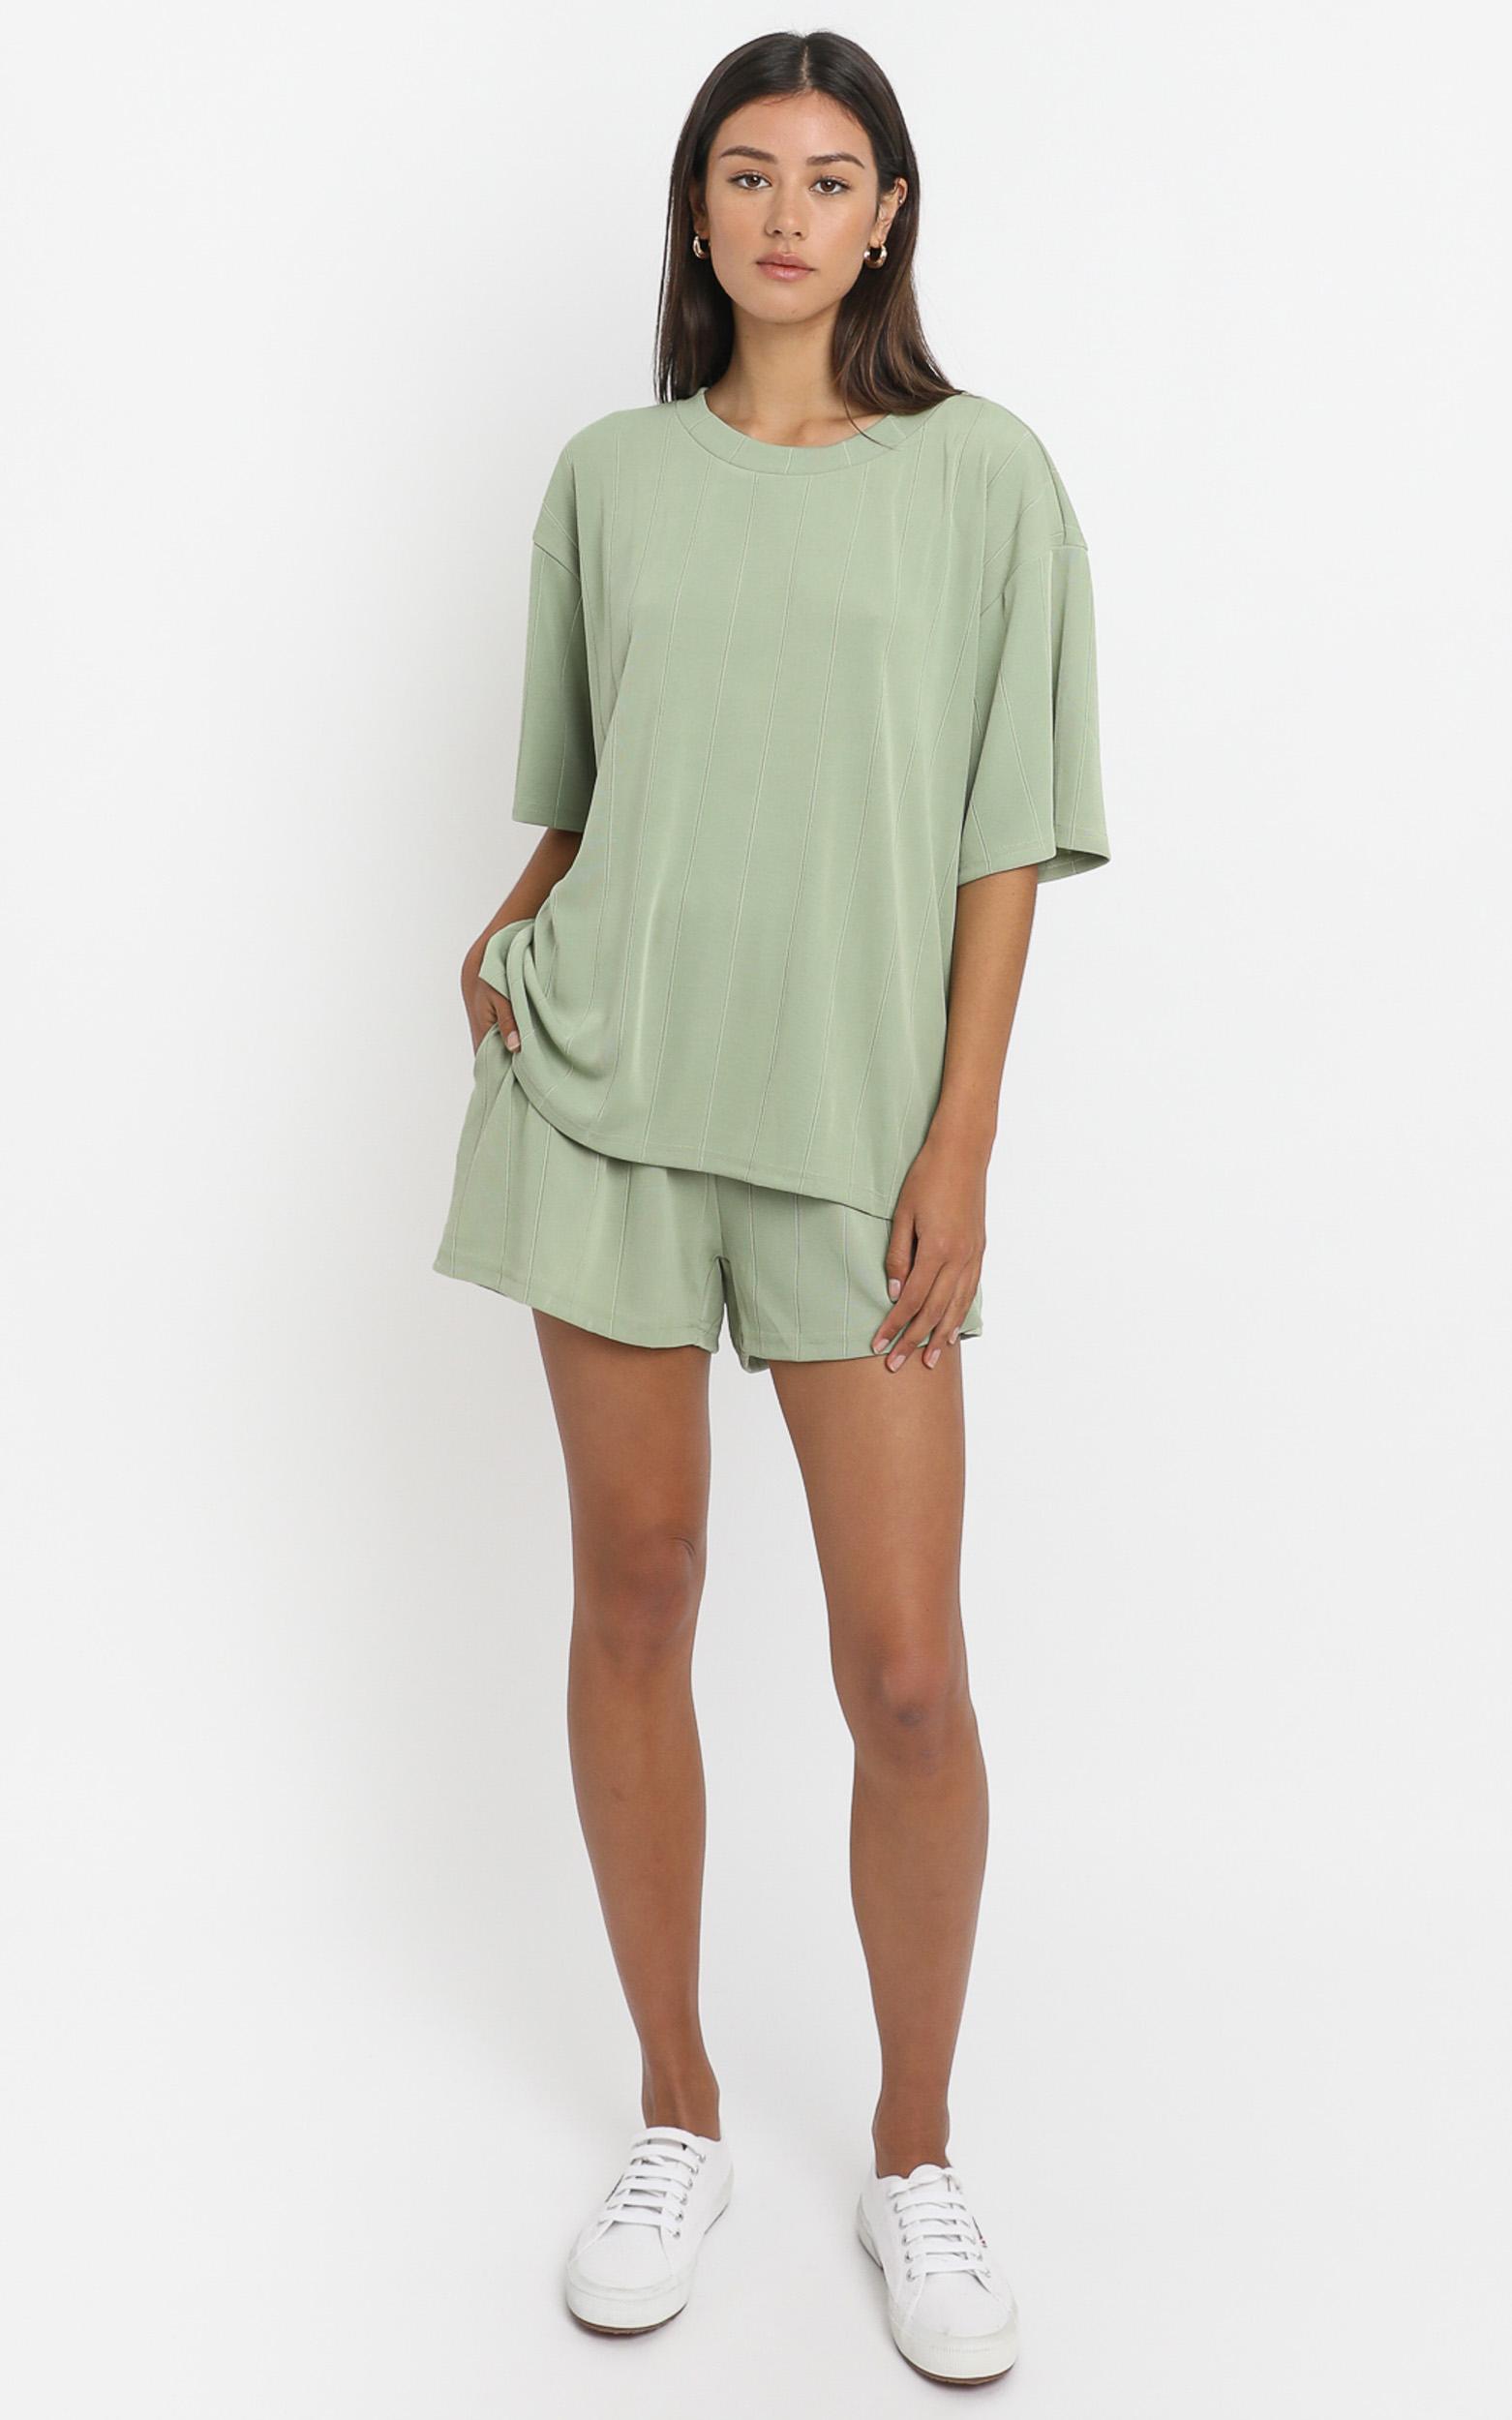 Daisy Duke Shorts in Olive - 6 (XS), Khaki, hi-res image number null